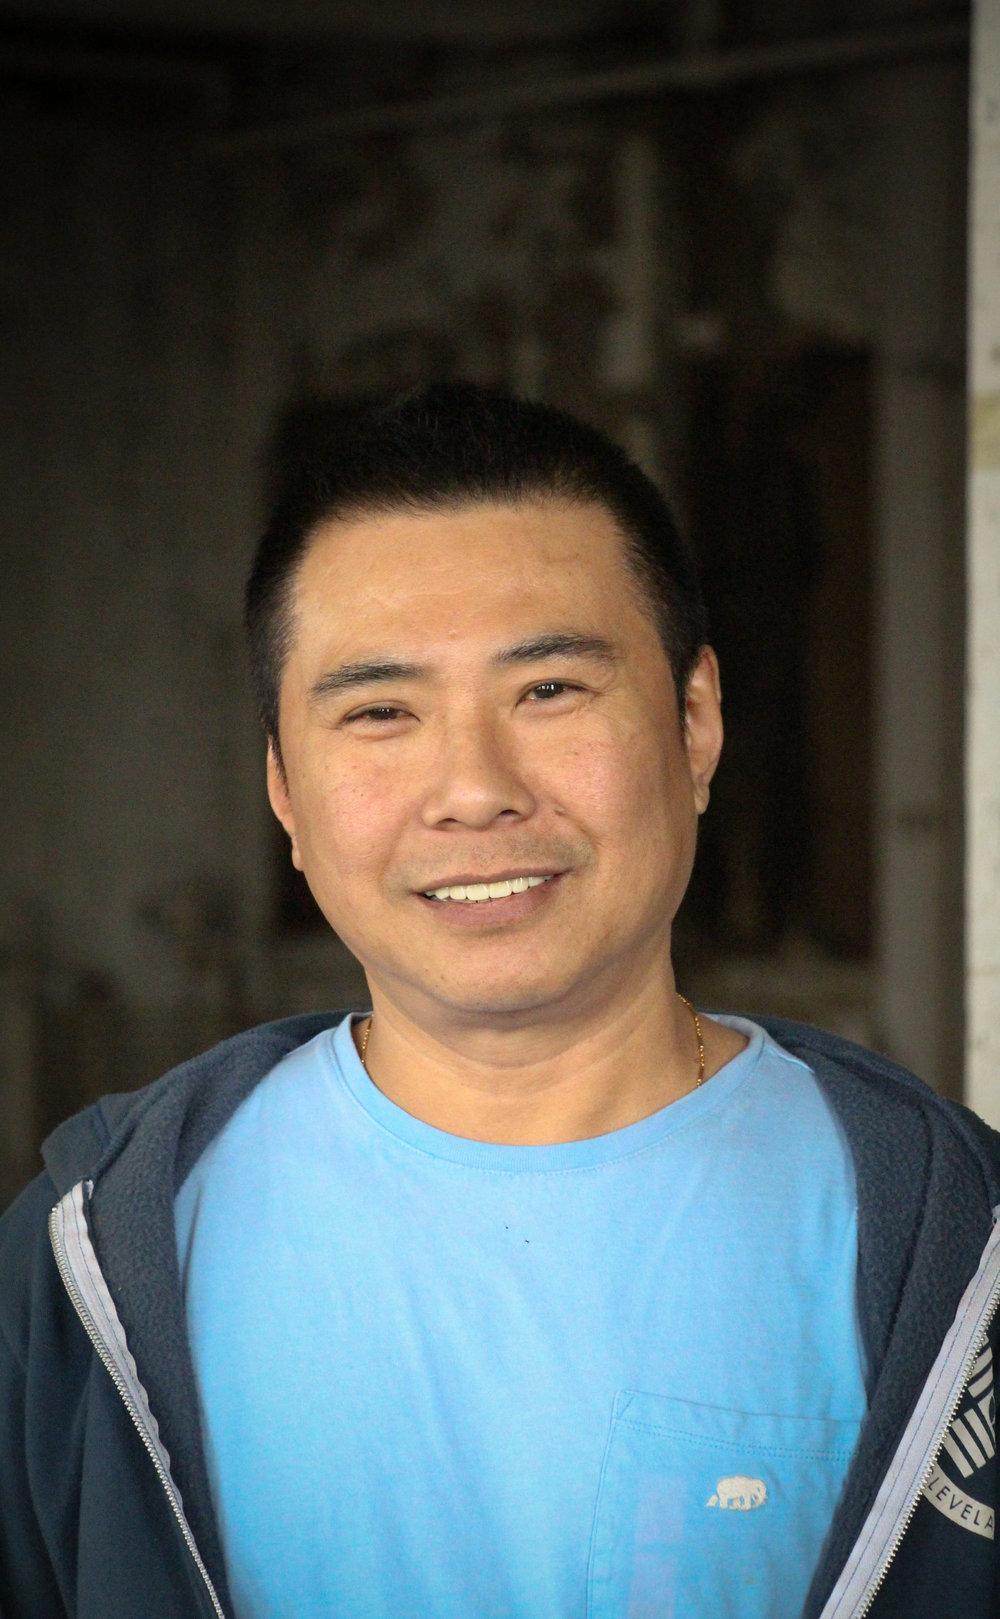 Khoe Phan /  Shop Foreman  E: kphan@rustbeltreclamation.com